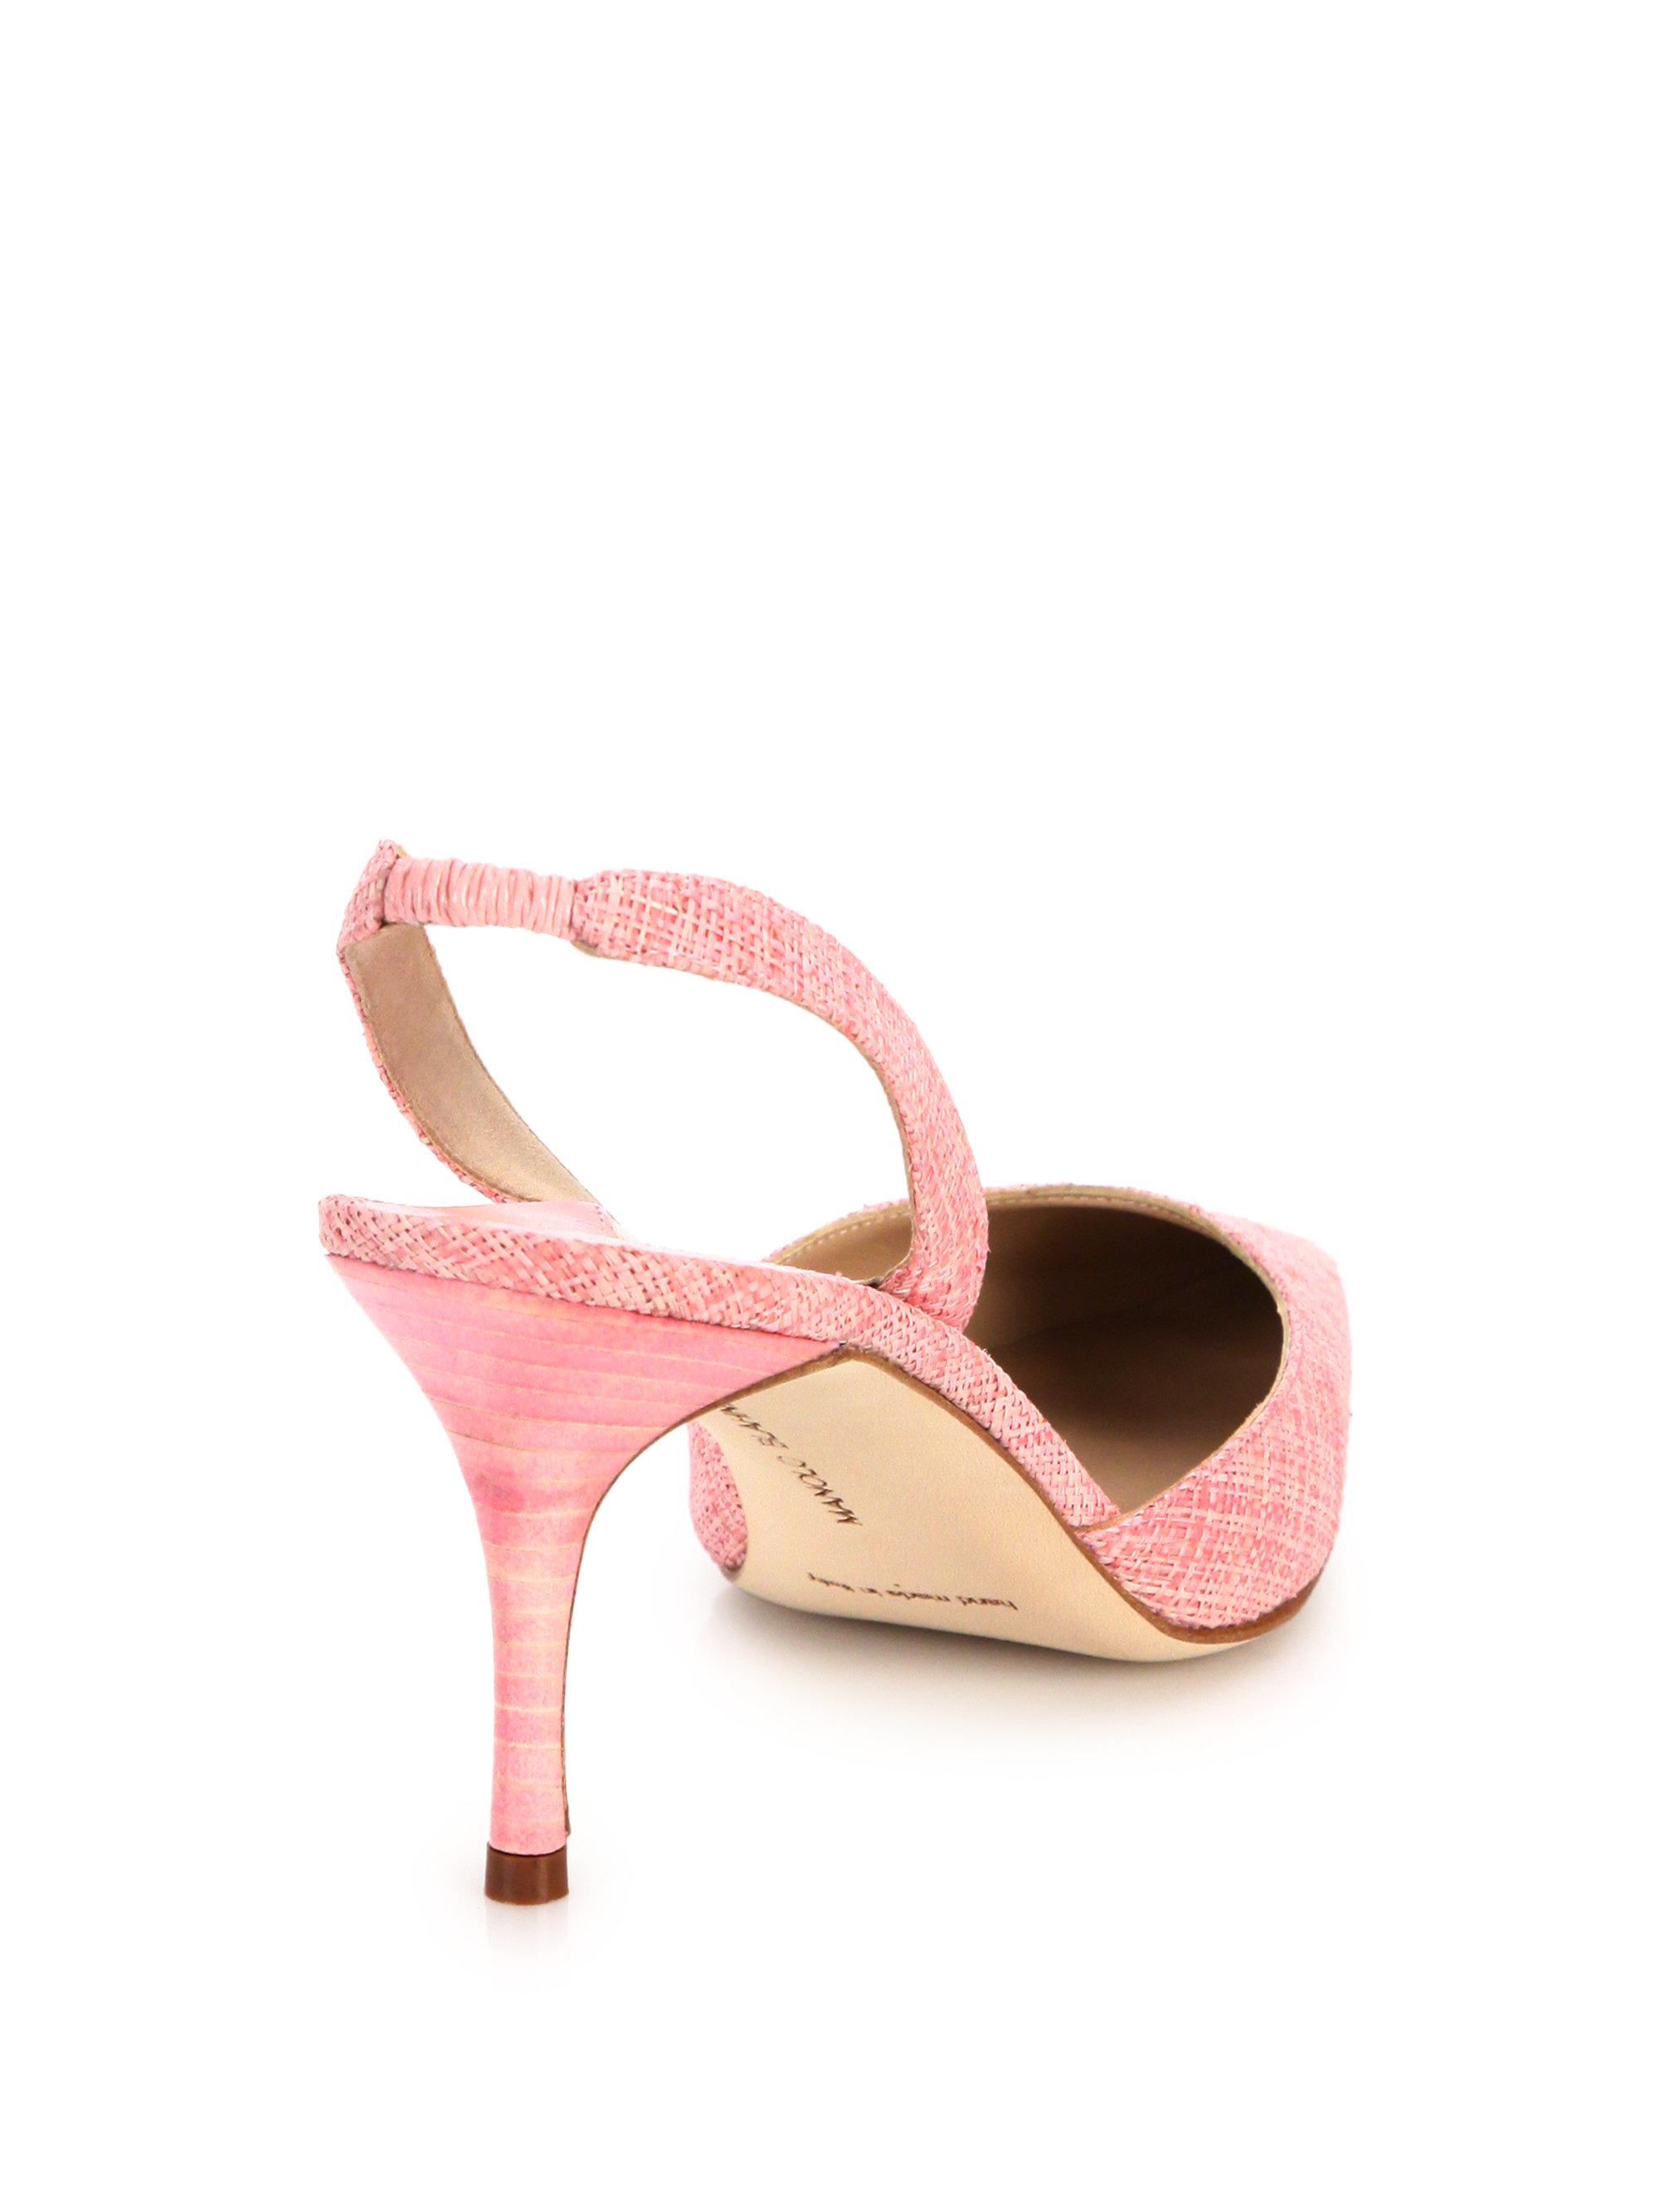 manolo blahnik pink tweed